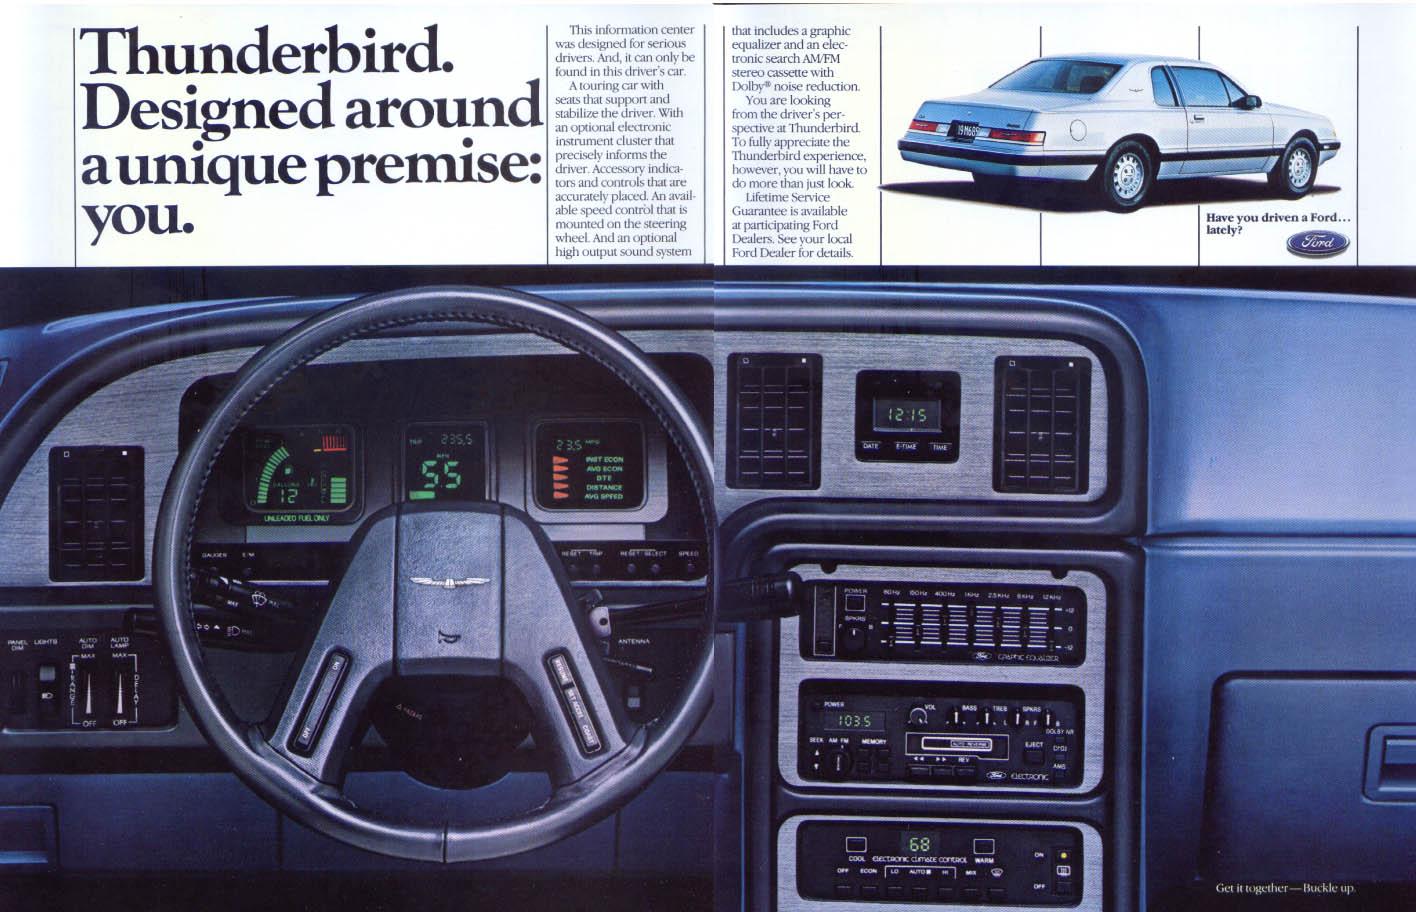 Image for Ford Thunderbird designed around unique premise ad 1985